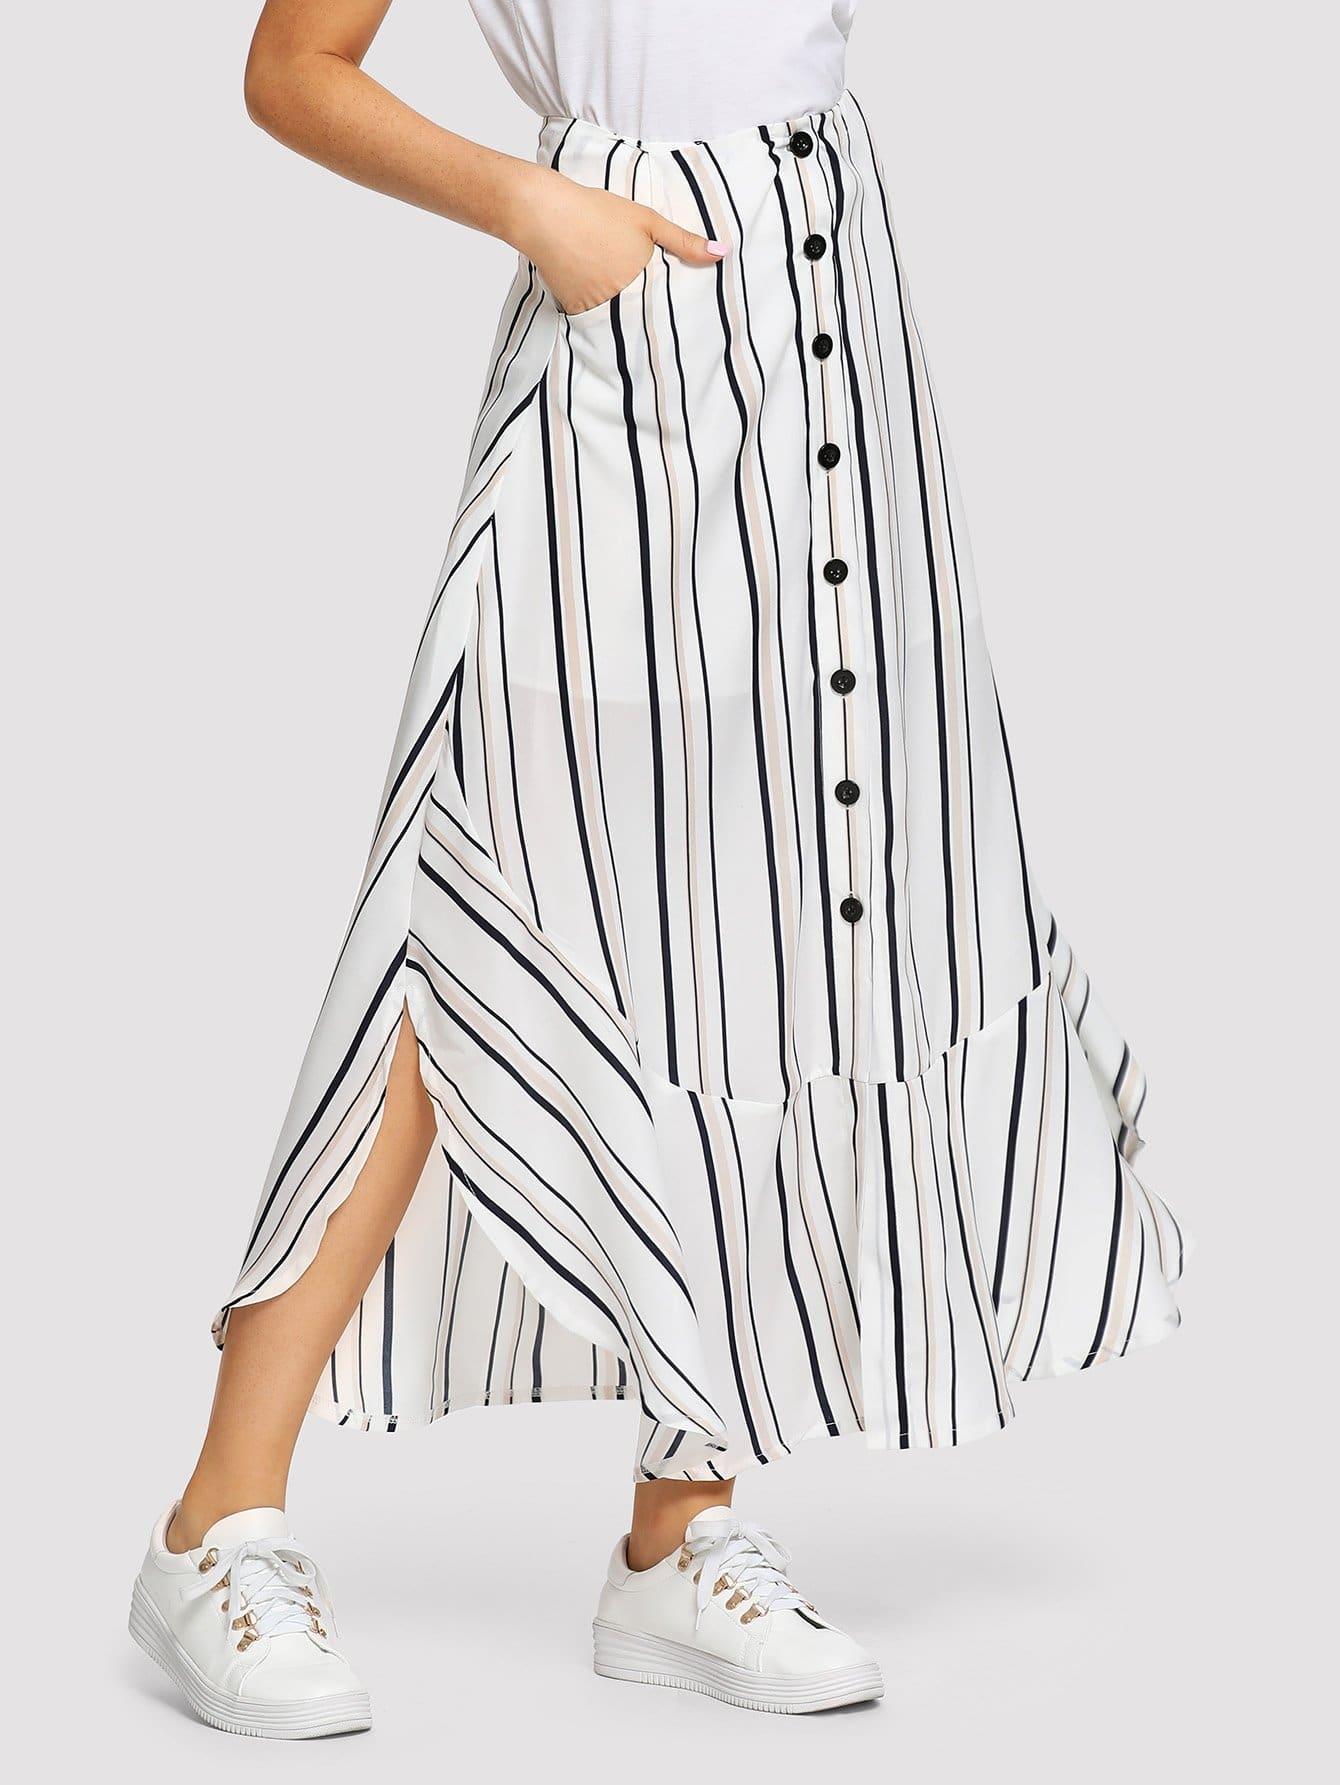 Купить Полосатая юбка с кнопками и оборка подола, Nathane, SheIn